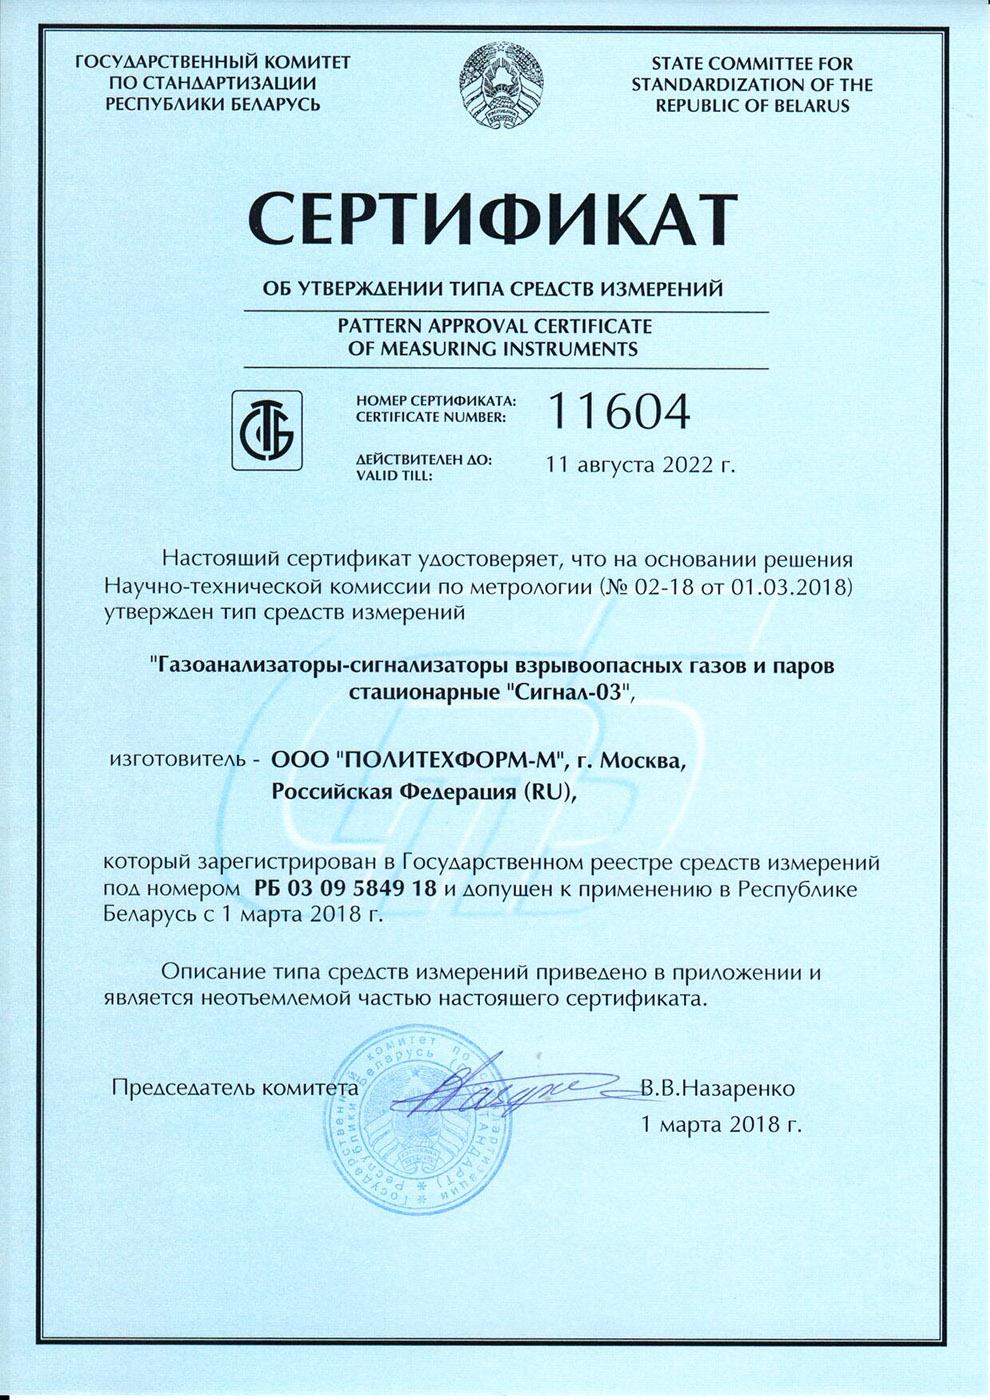 sert-03-opisanie_tipa